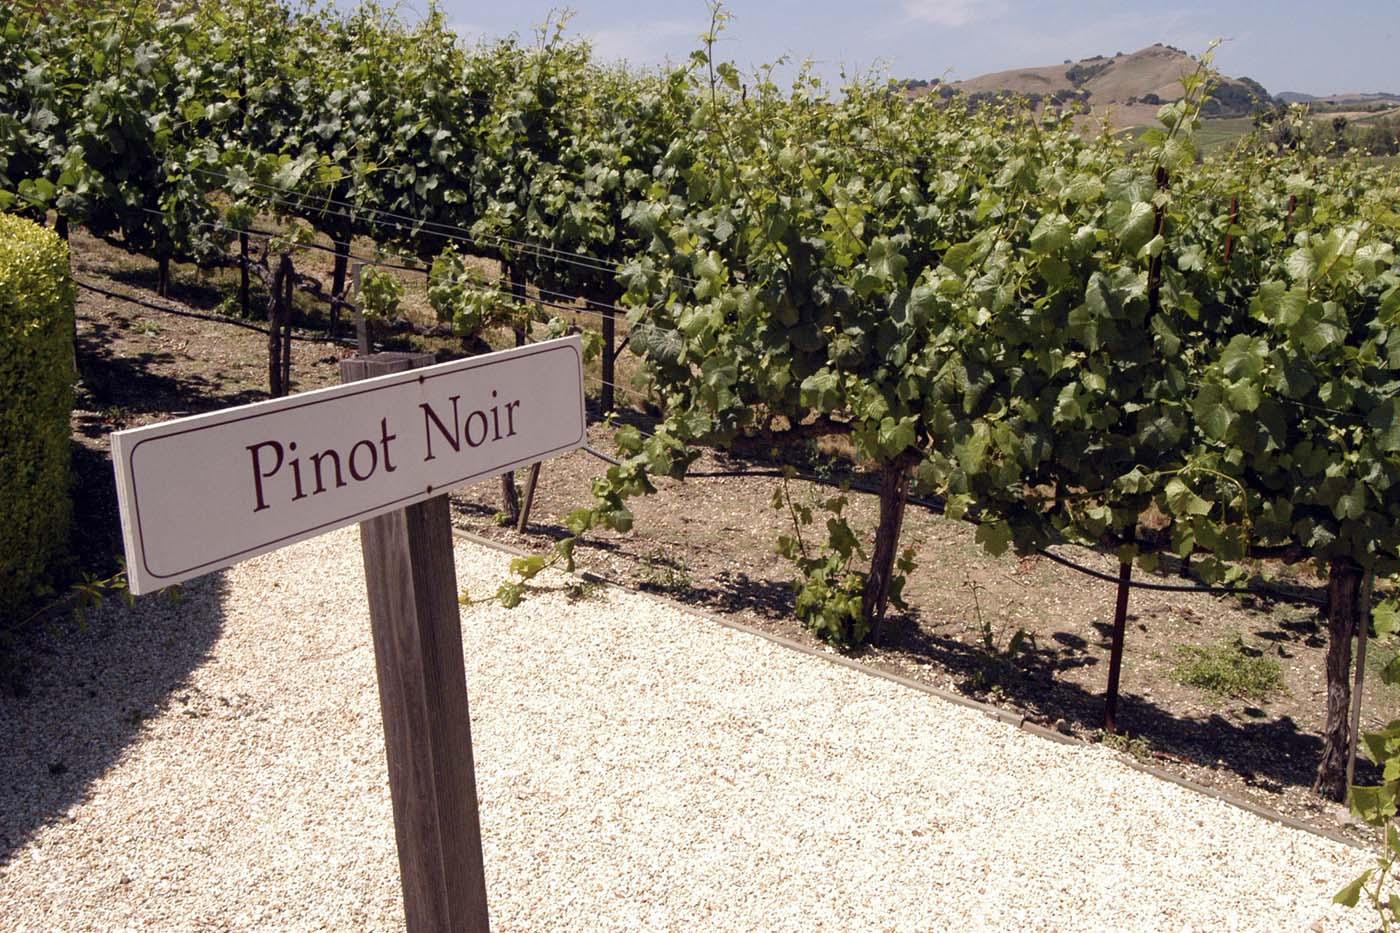 Pinot-Noir-skilt-i-vinmark-iStock-000001466021-Medium-1800x1200-red